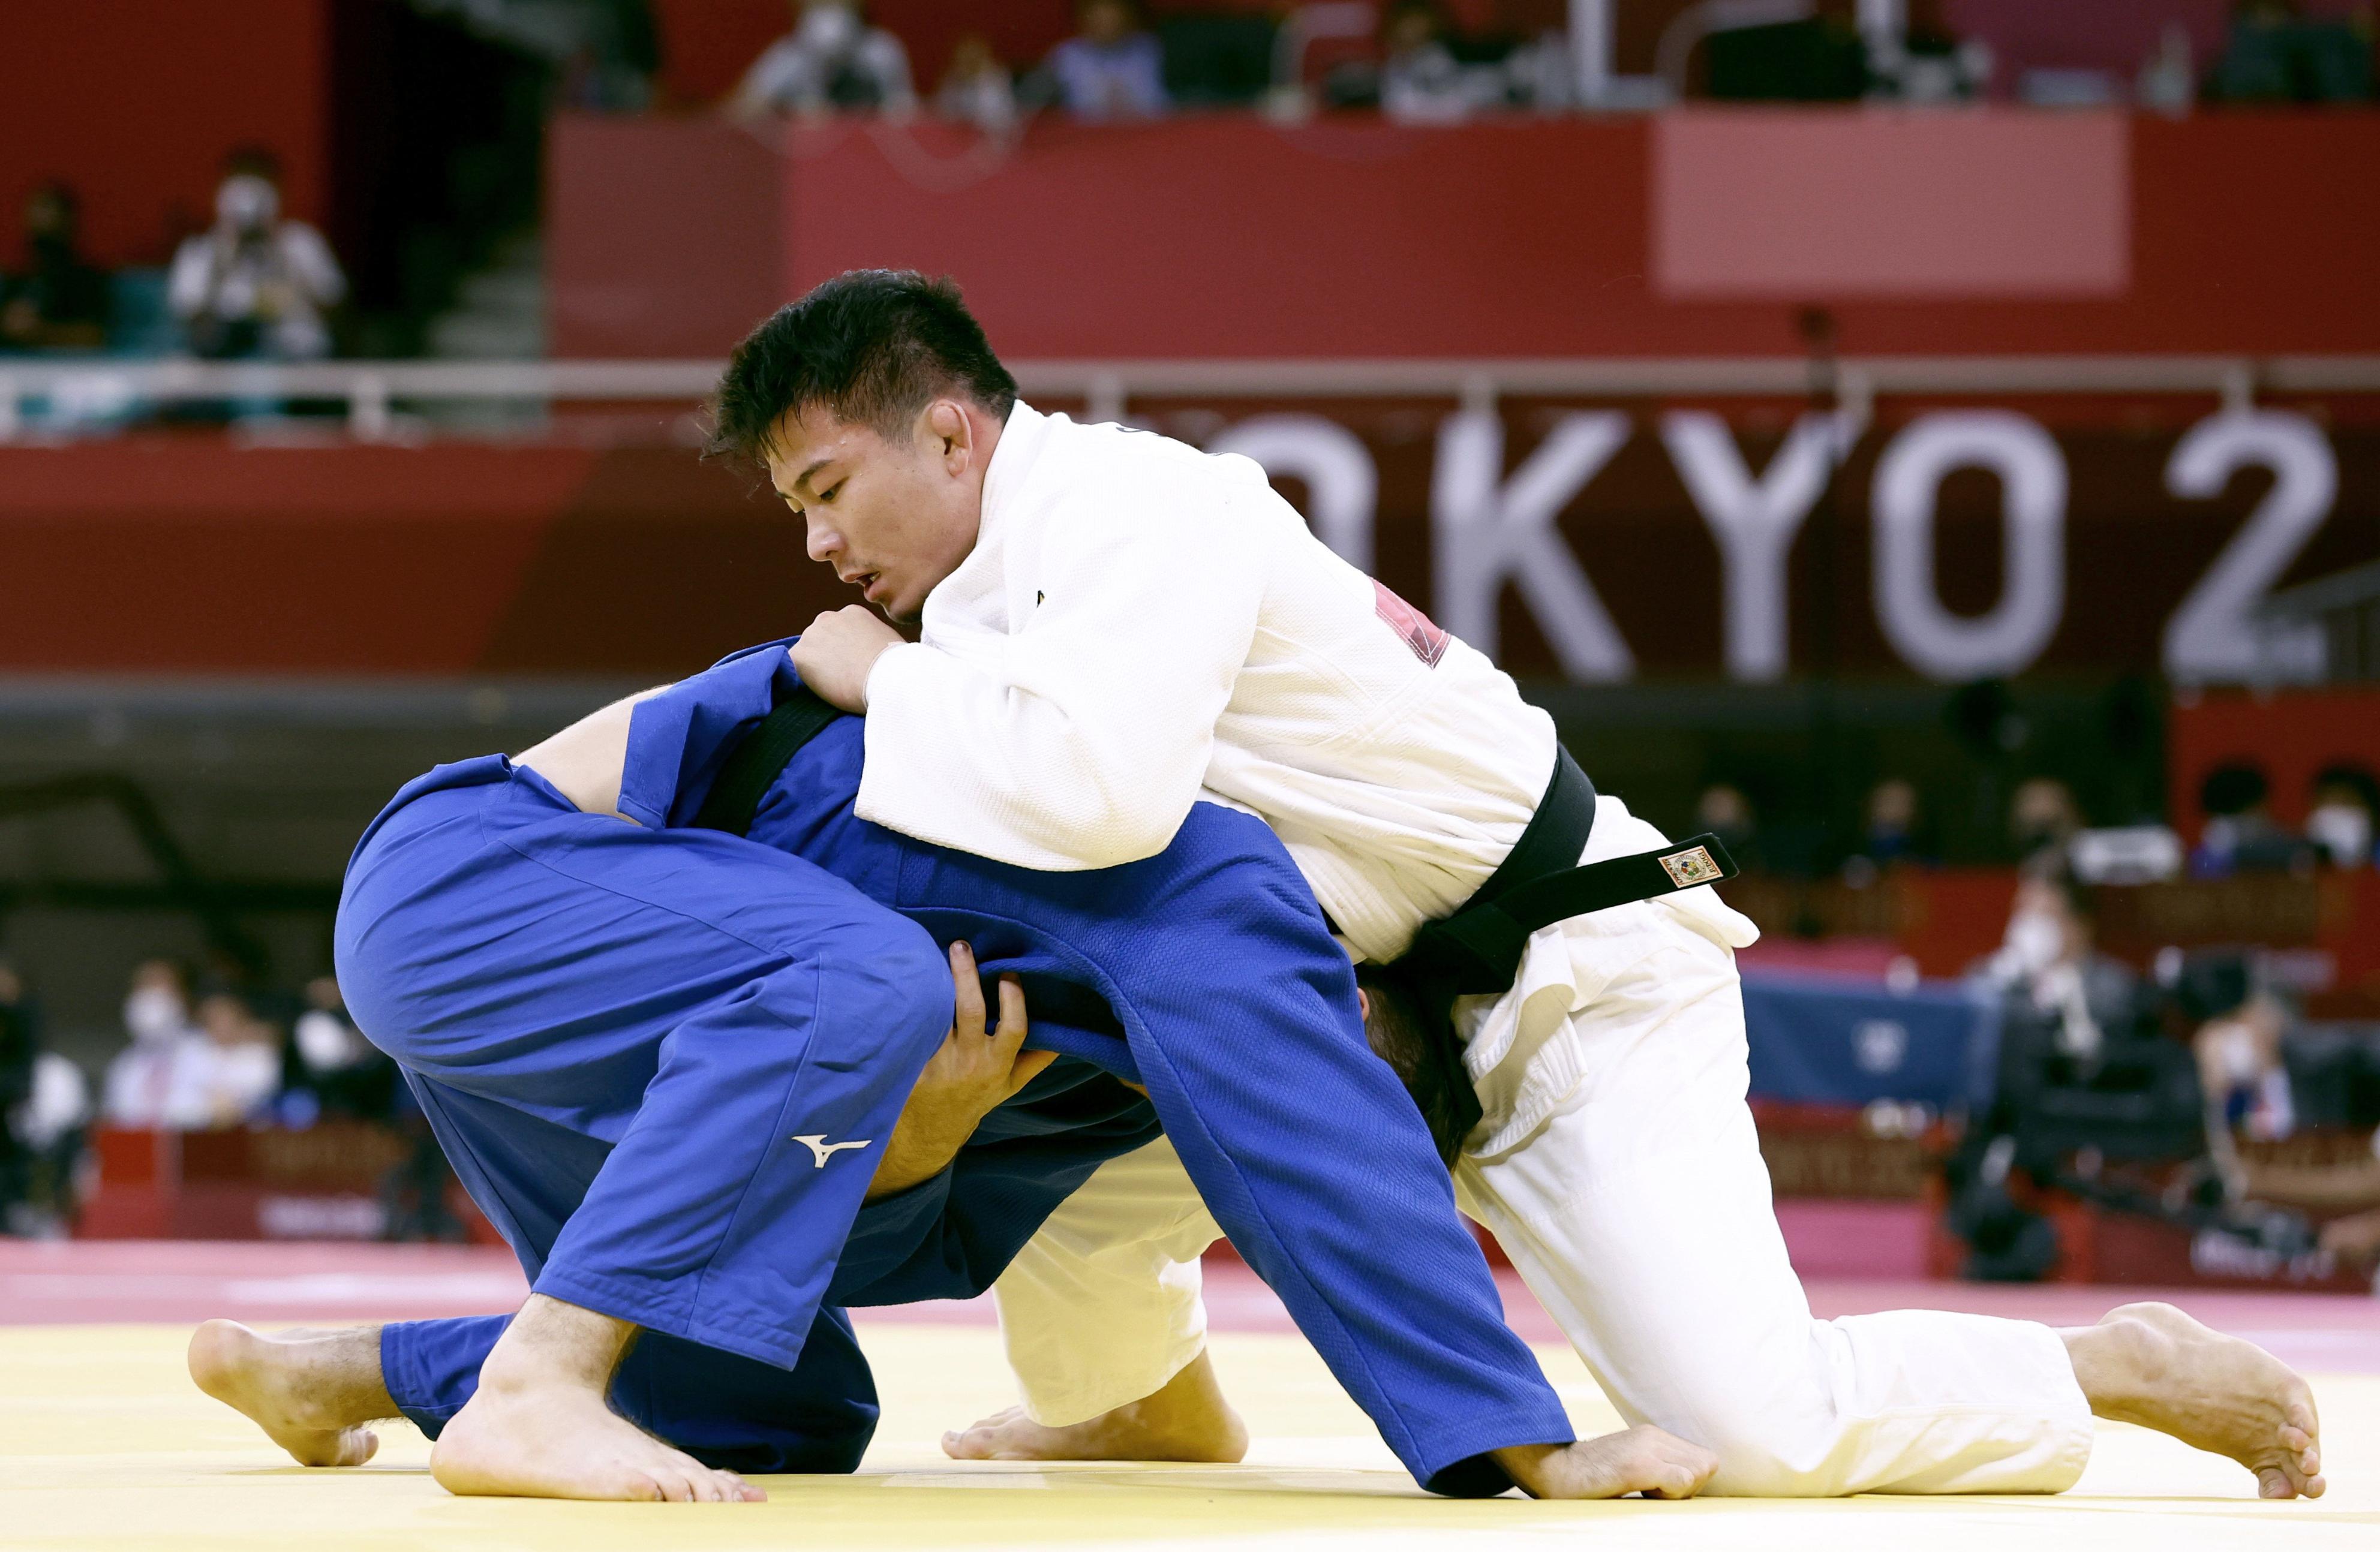 混合団体準々決勝男子90キロ級 ドイツ選手(下)を攻める向翔一郎=日本武道館